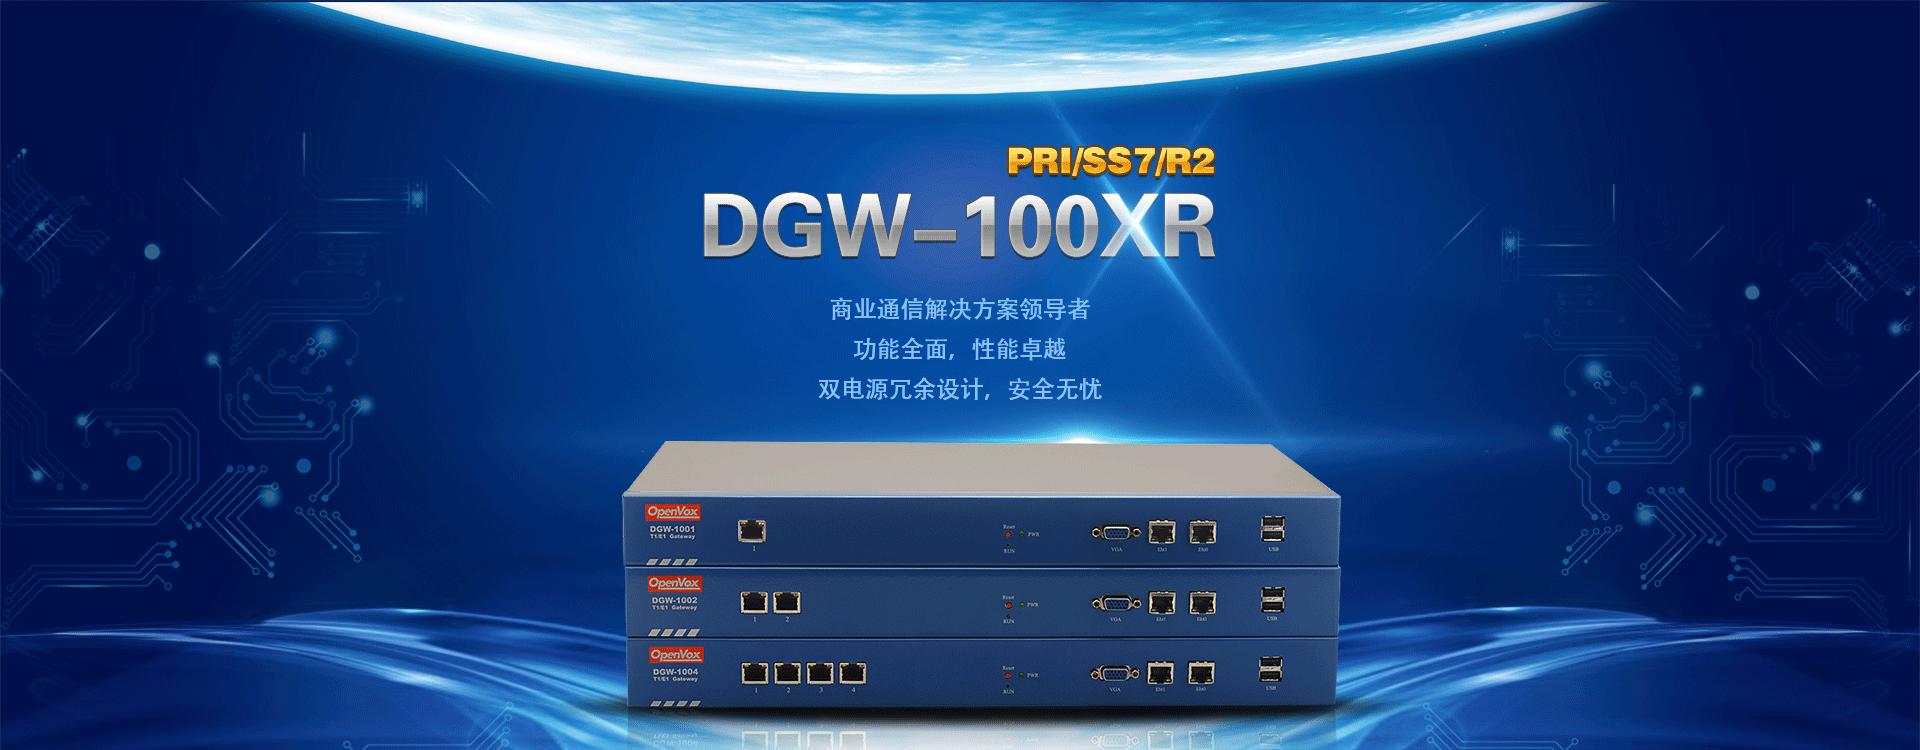 DGW-100XR1-cn